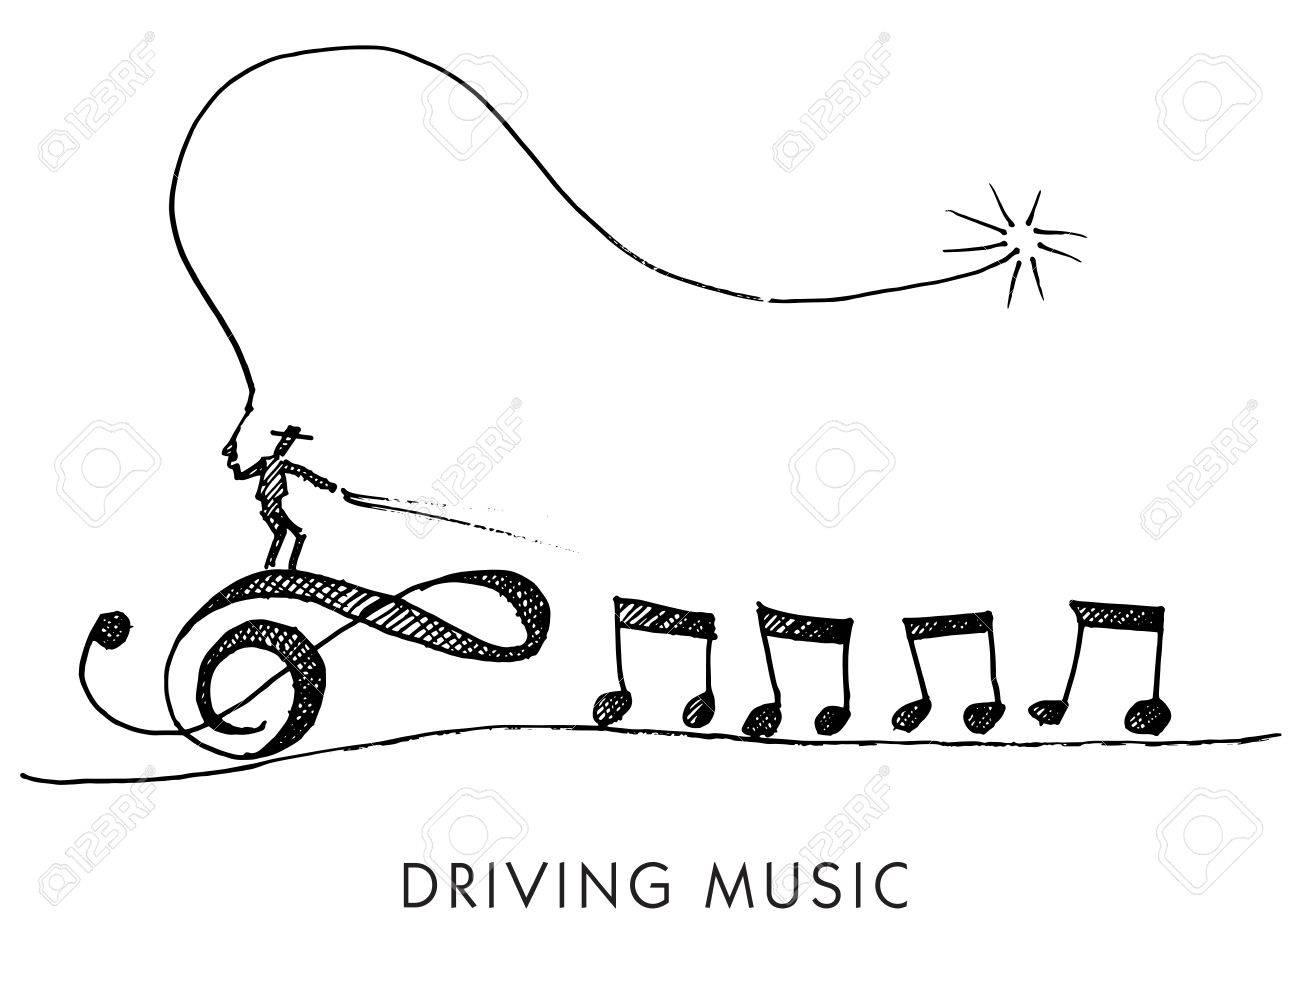 Dessin De Music un dessin animé fantaisiste appelé driving music clip art libres de